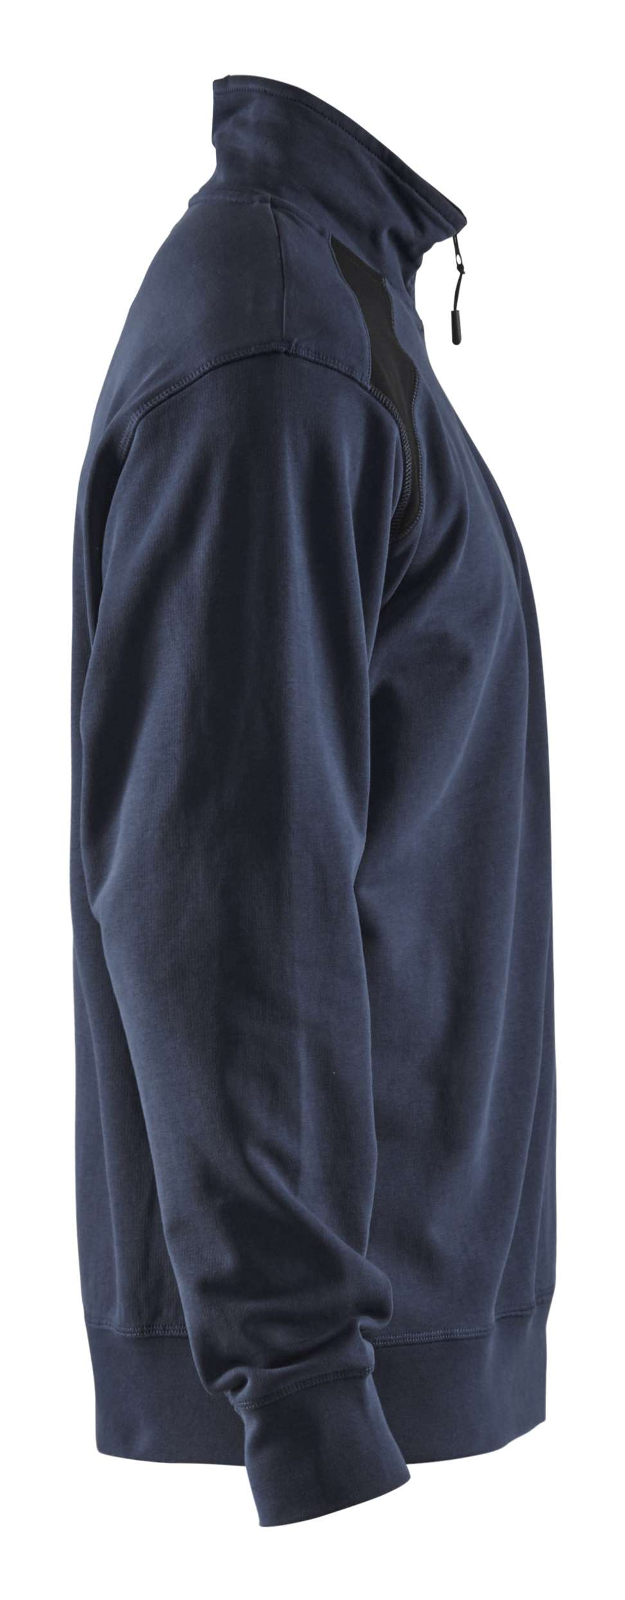 Blaklader Truien 33531158 donker marineblauw-zwart(8699)